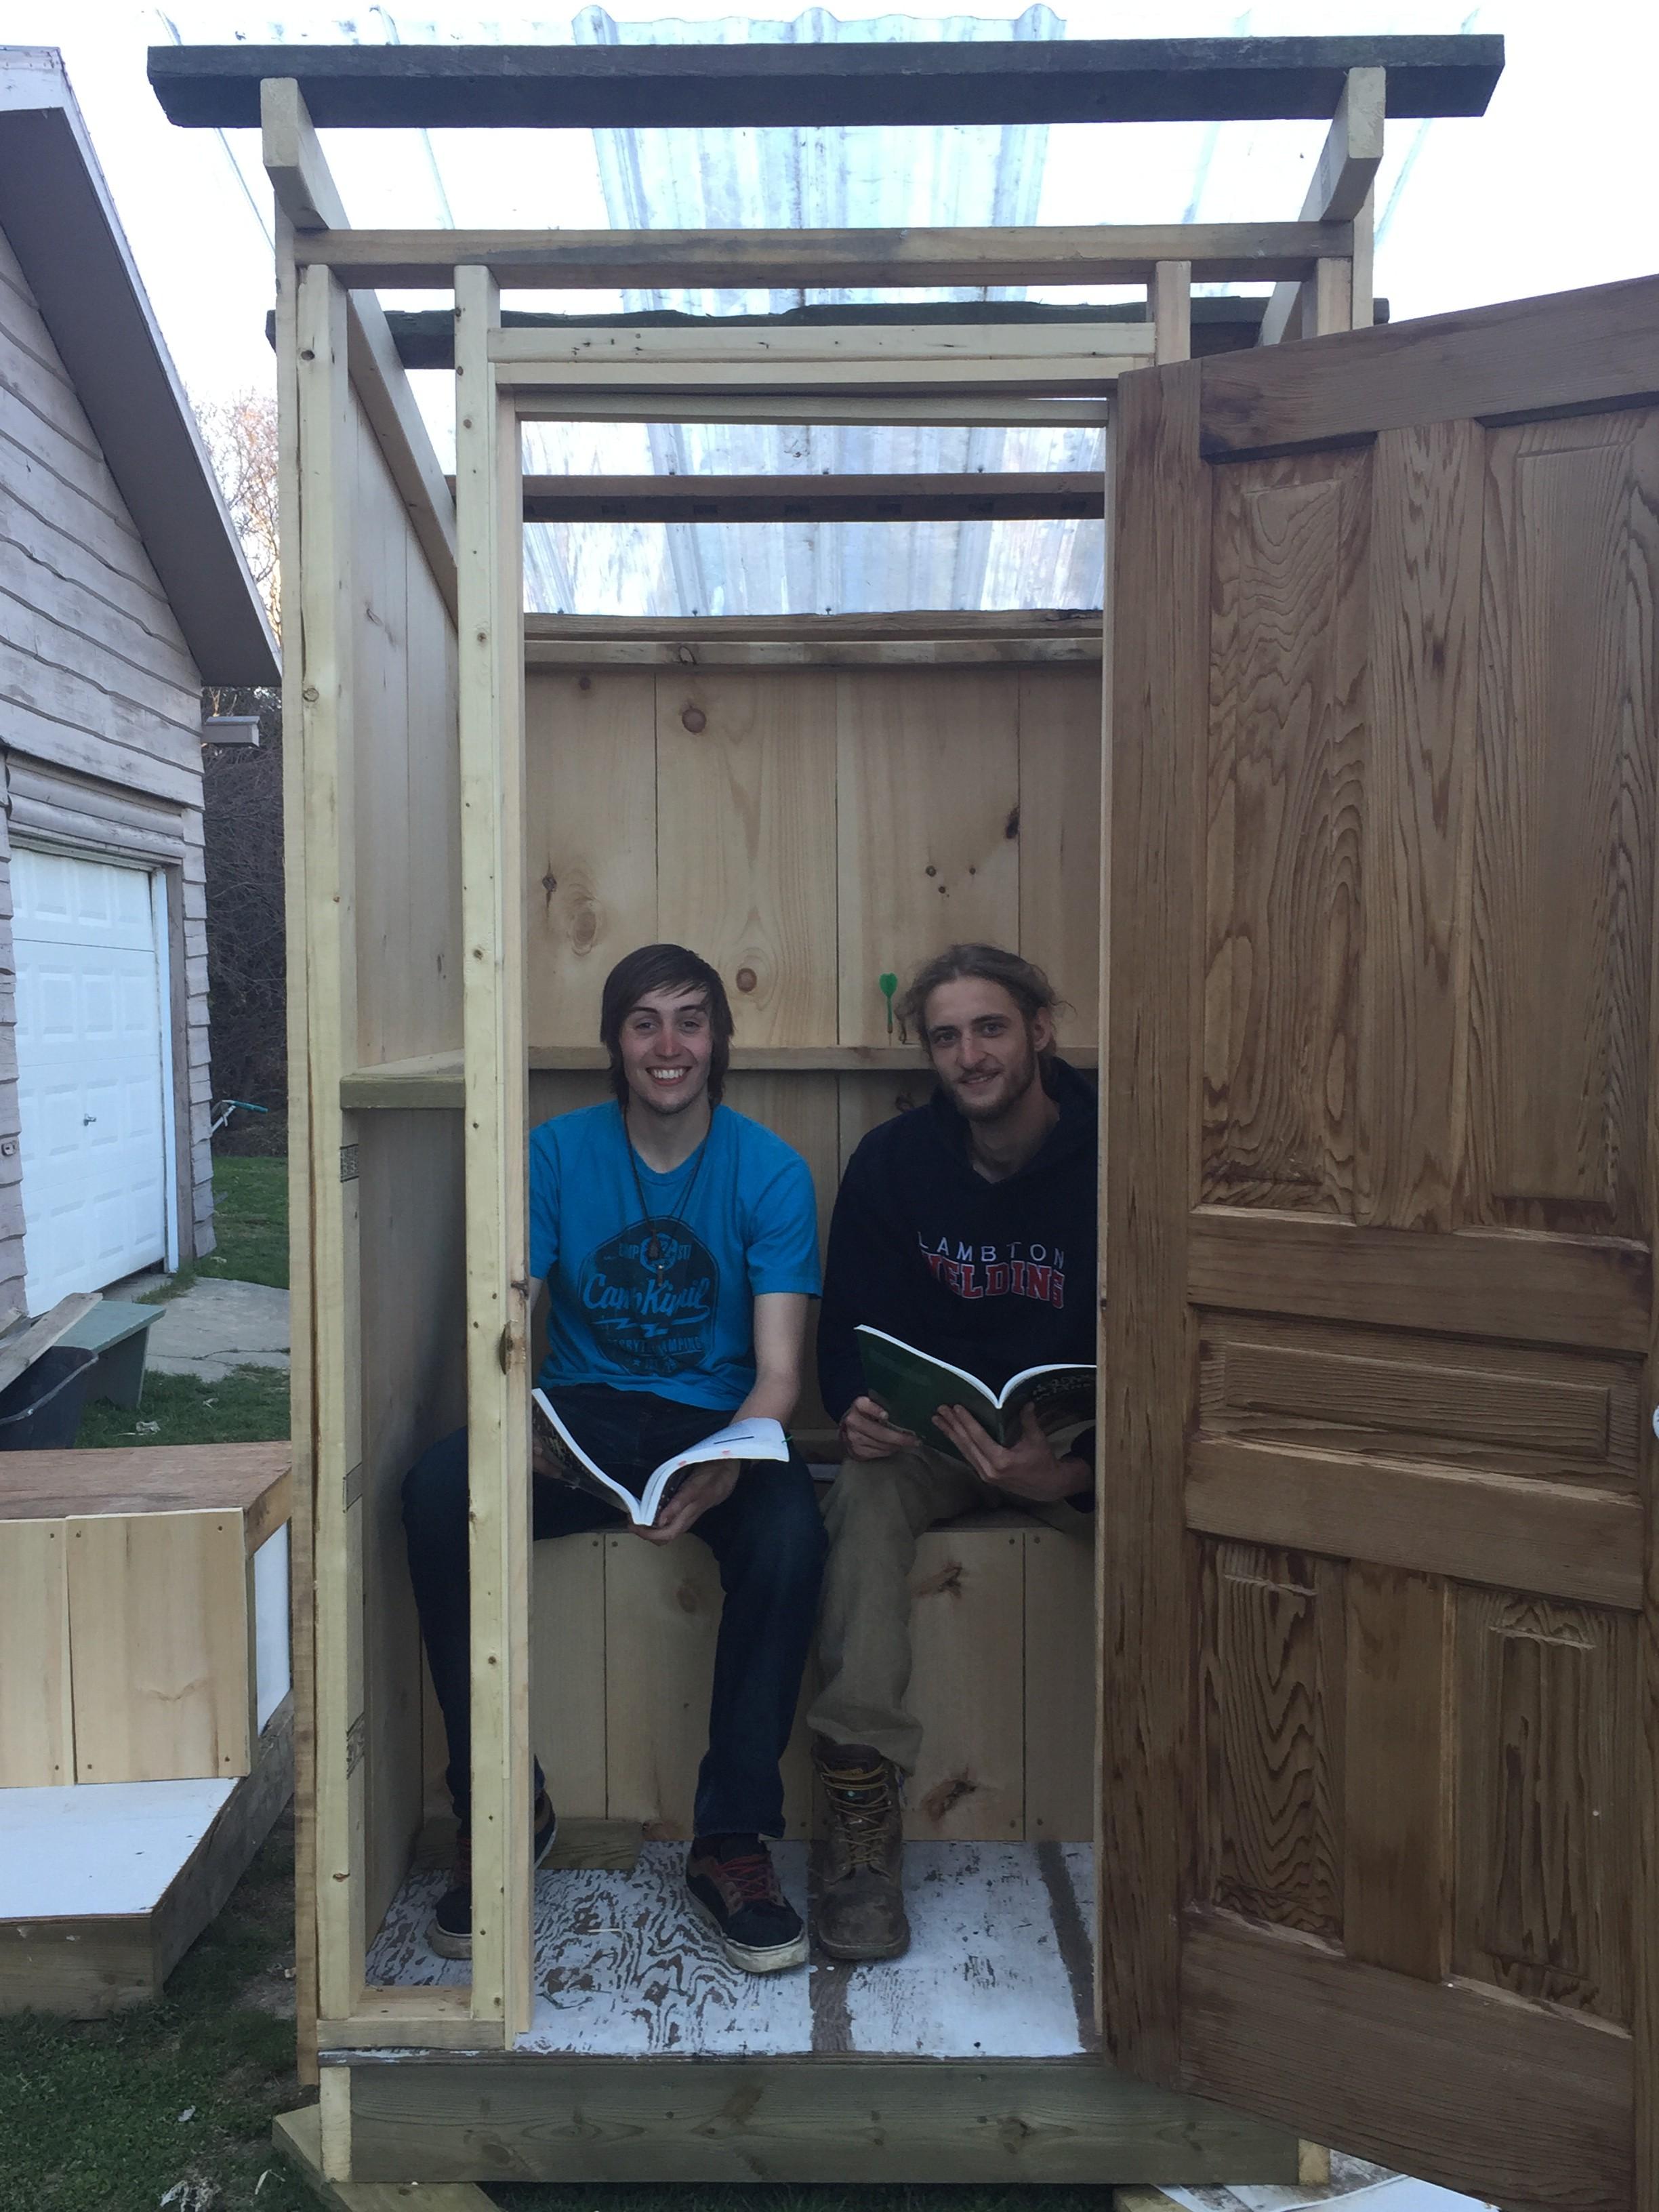 Outhouse shea